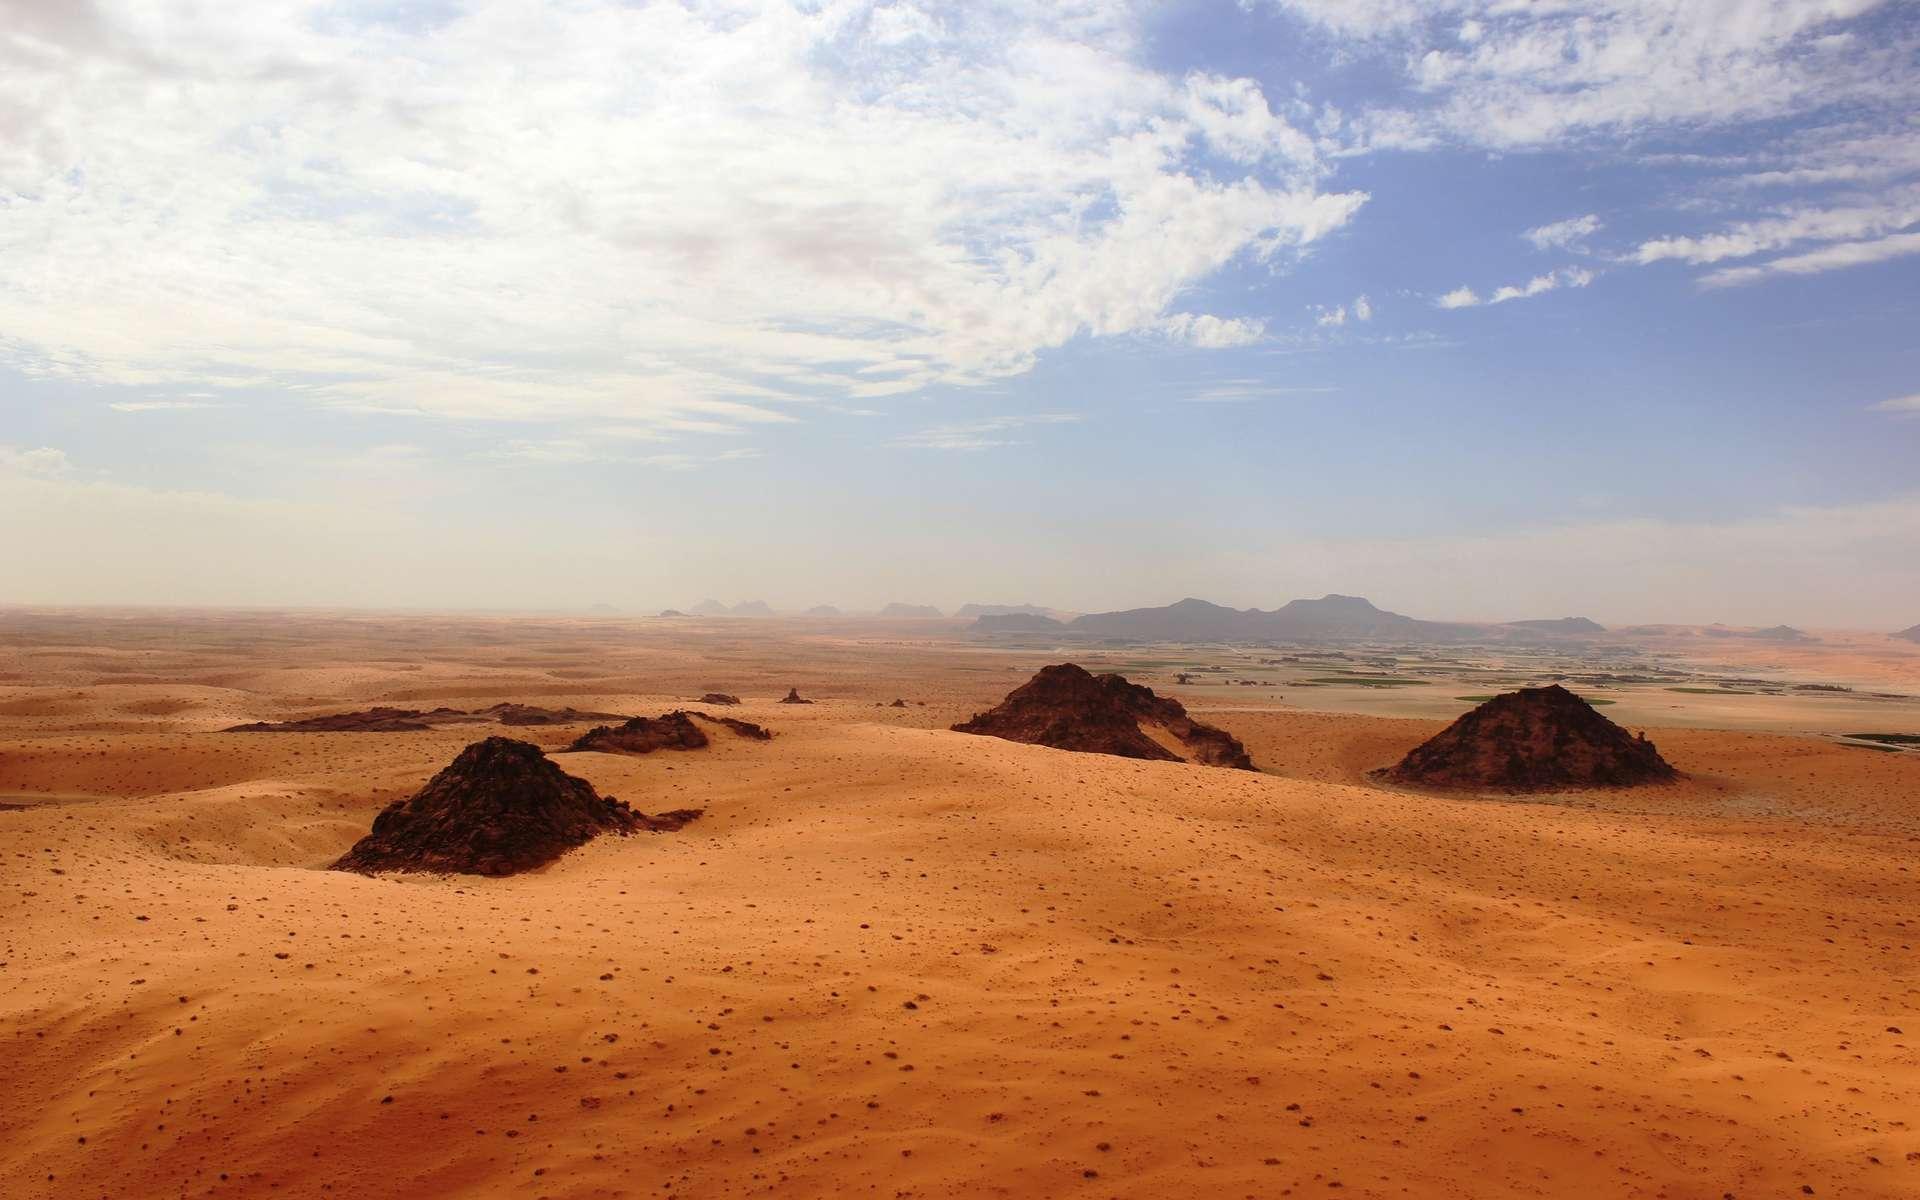 Le désert d'Arabie saoudite est de plus en plus étudié car il se situe au carrefour d'anciennes migrations humaines entre l'Afrique et l'Asie. © Palaeodeserts Project